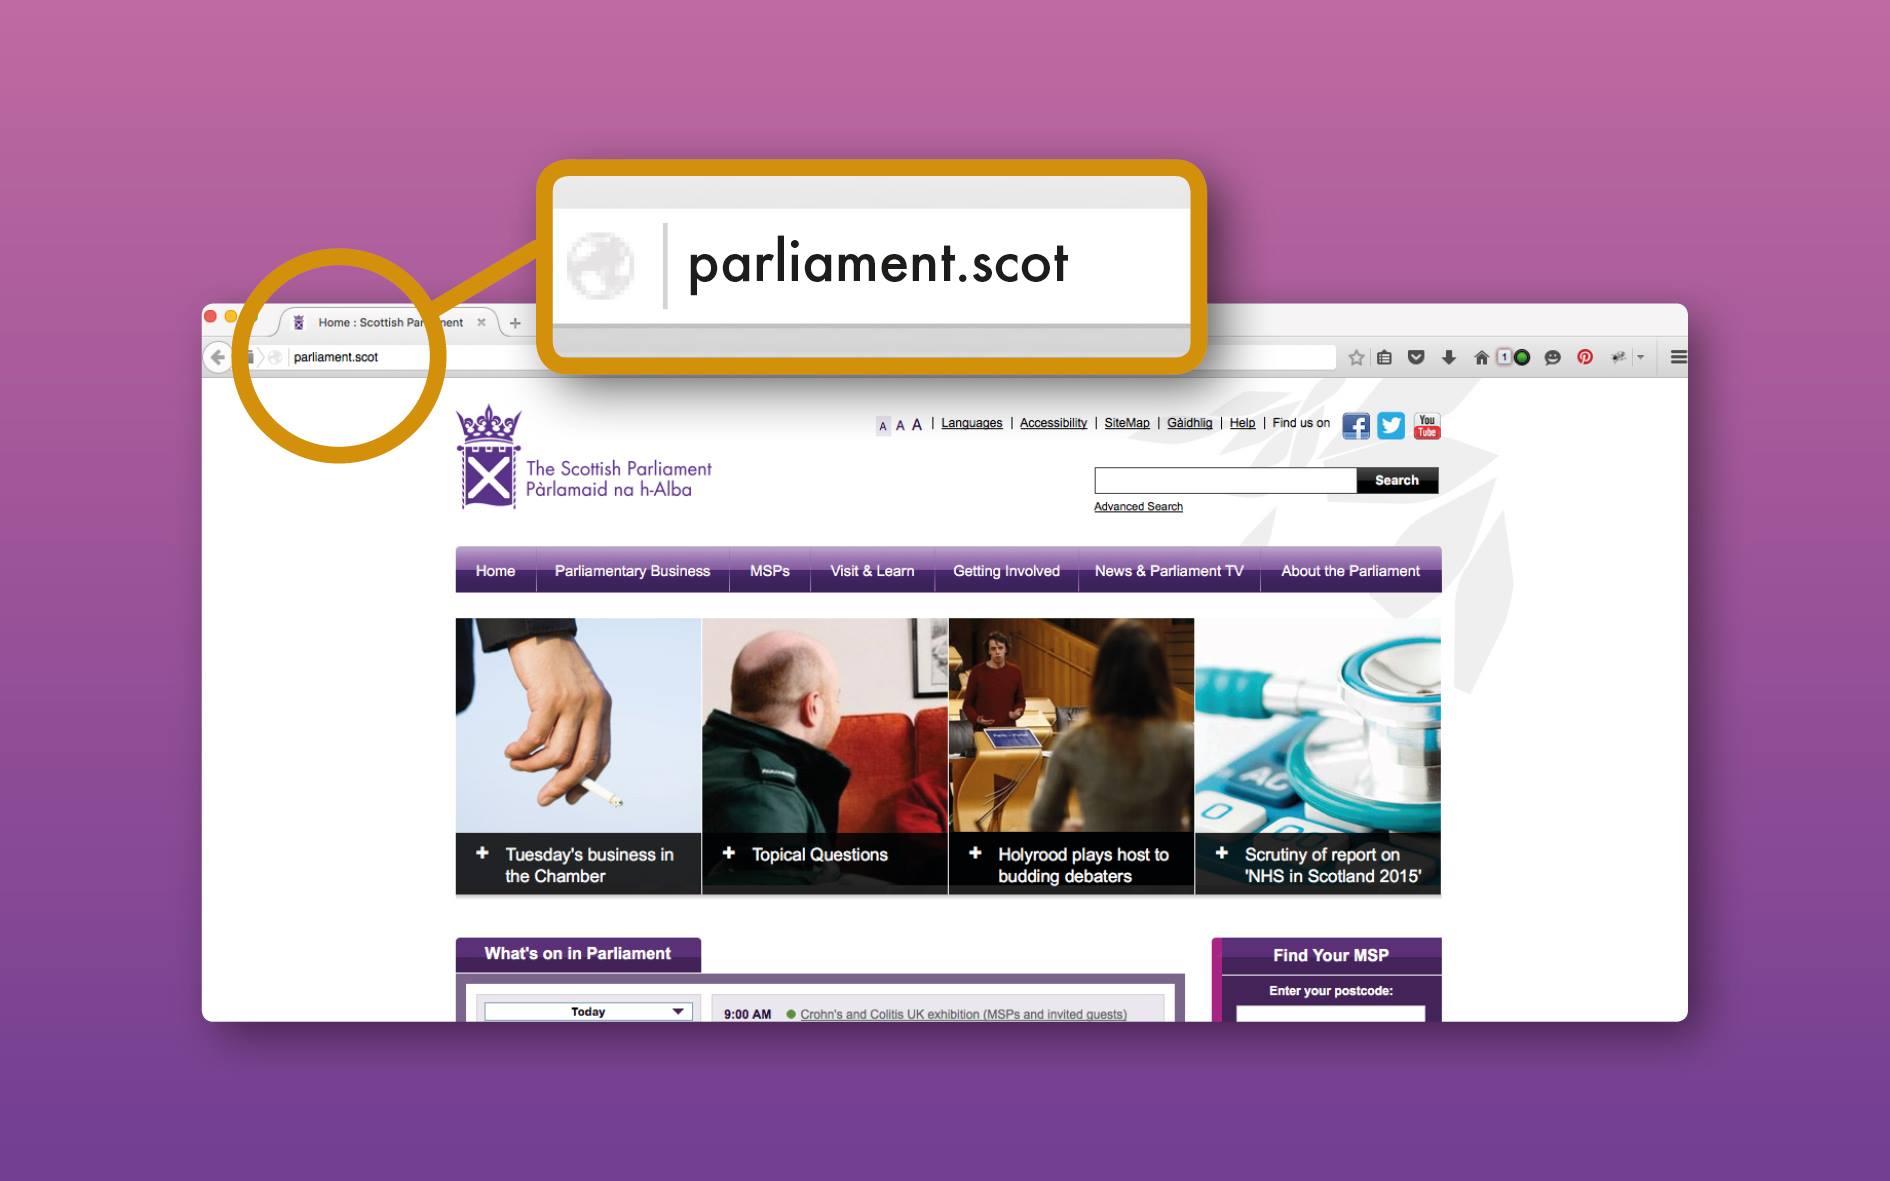 parliament-scot